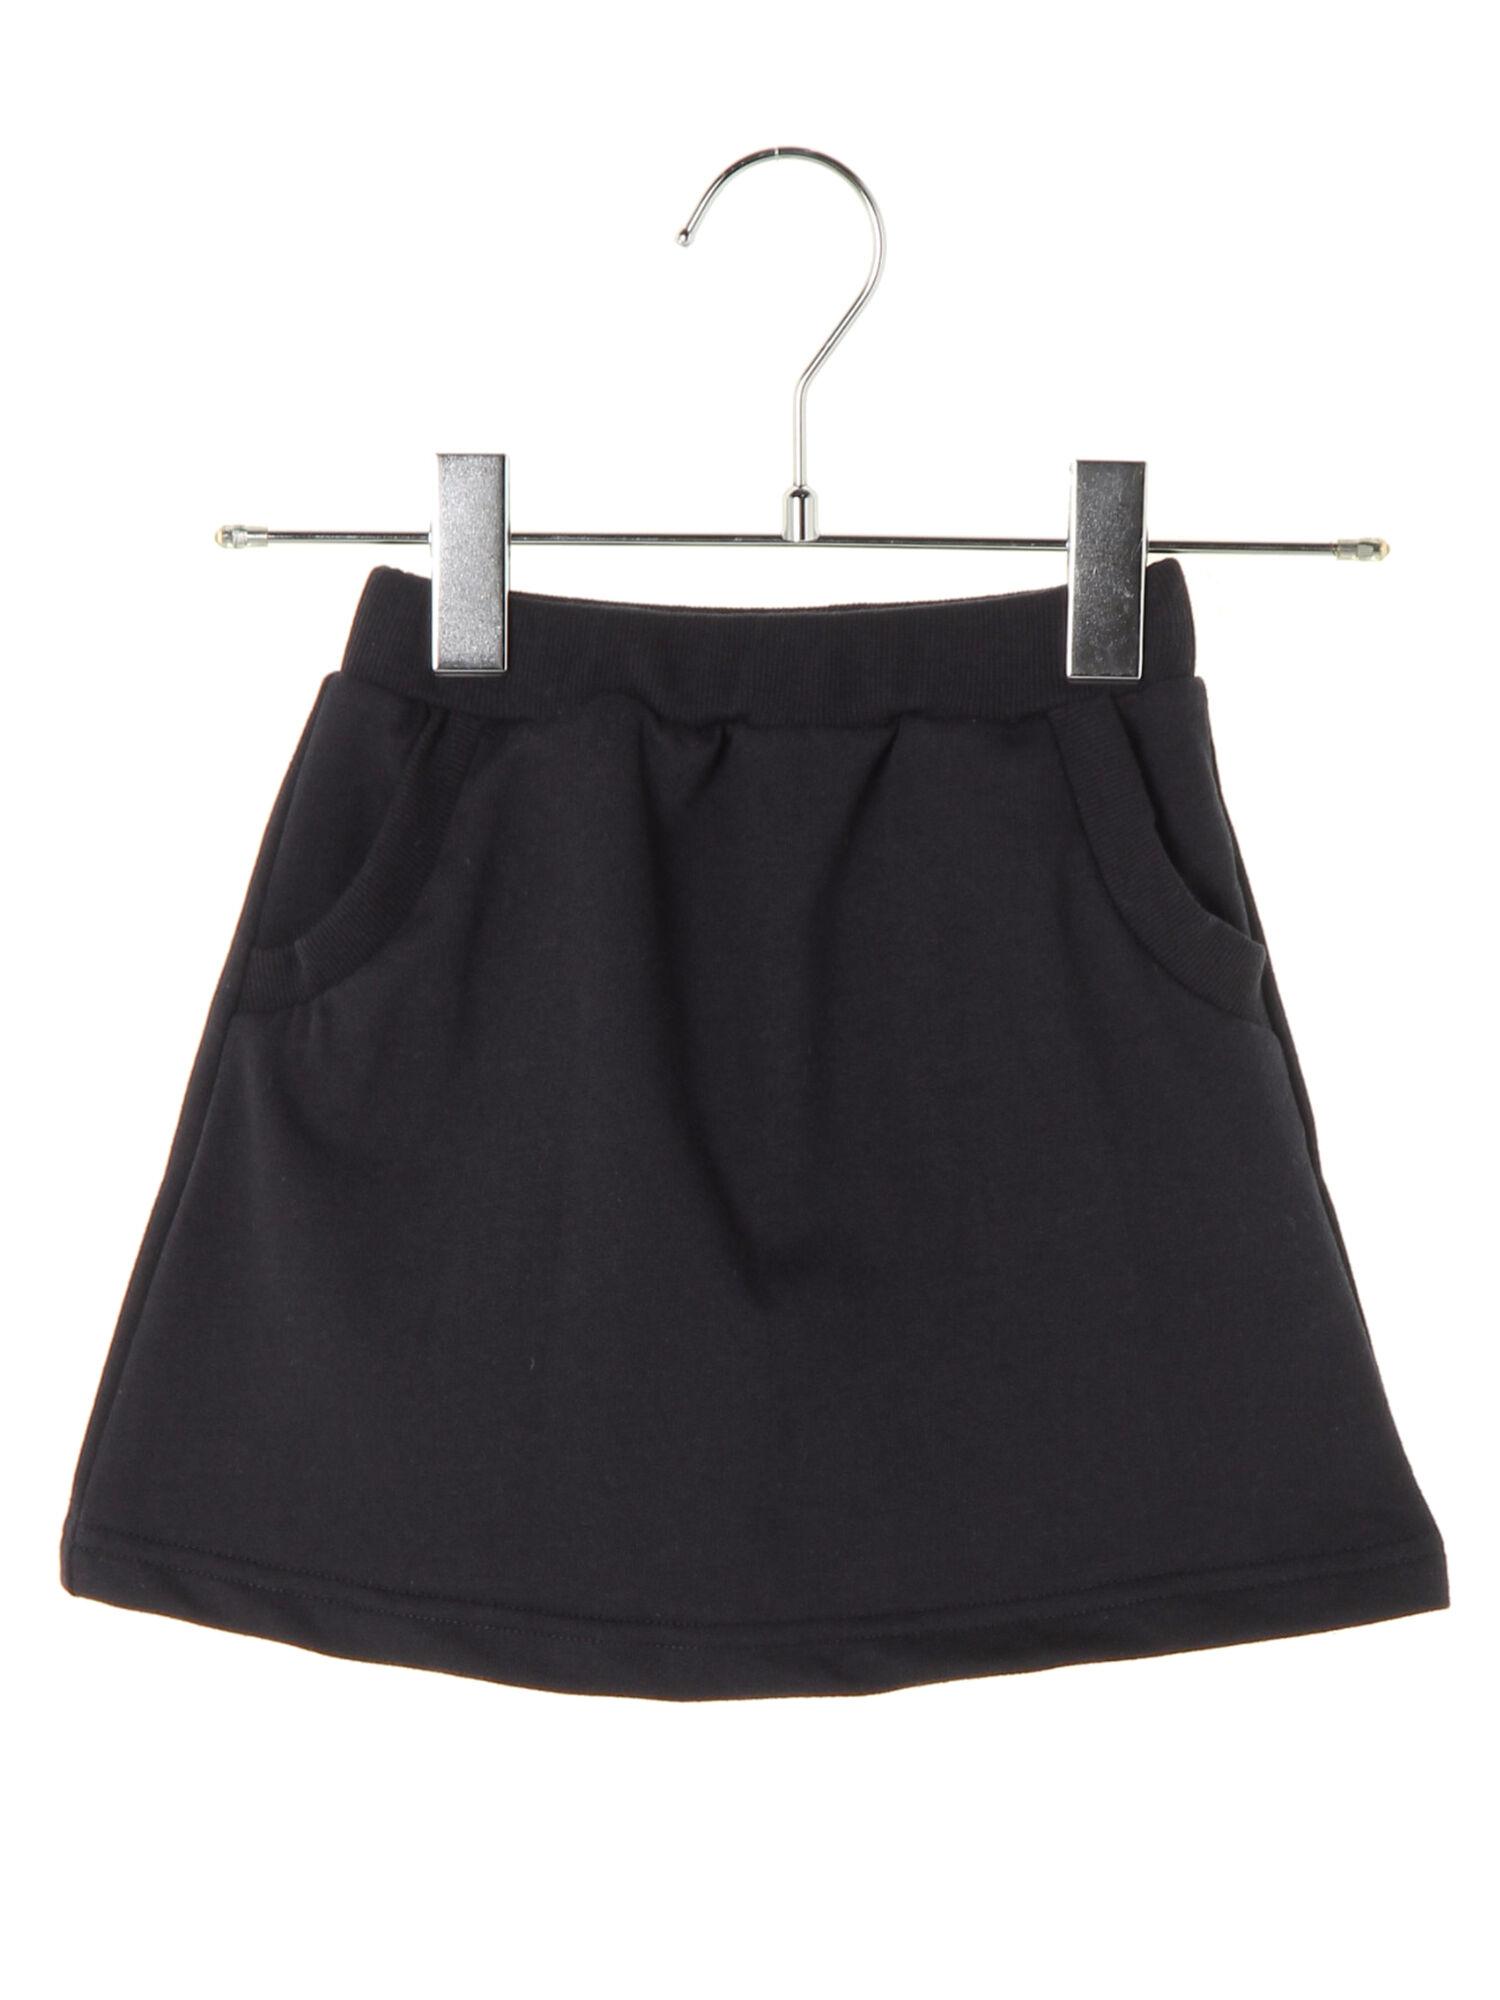 ★KidsフラワーPTボックススカート